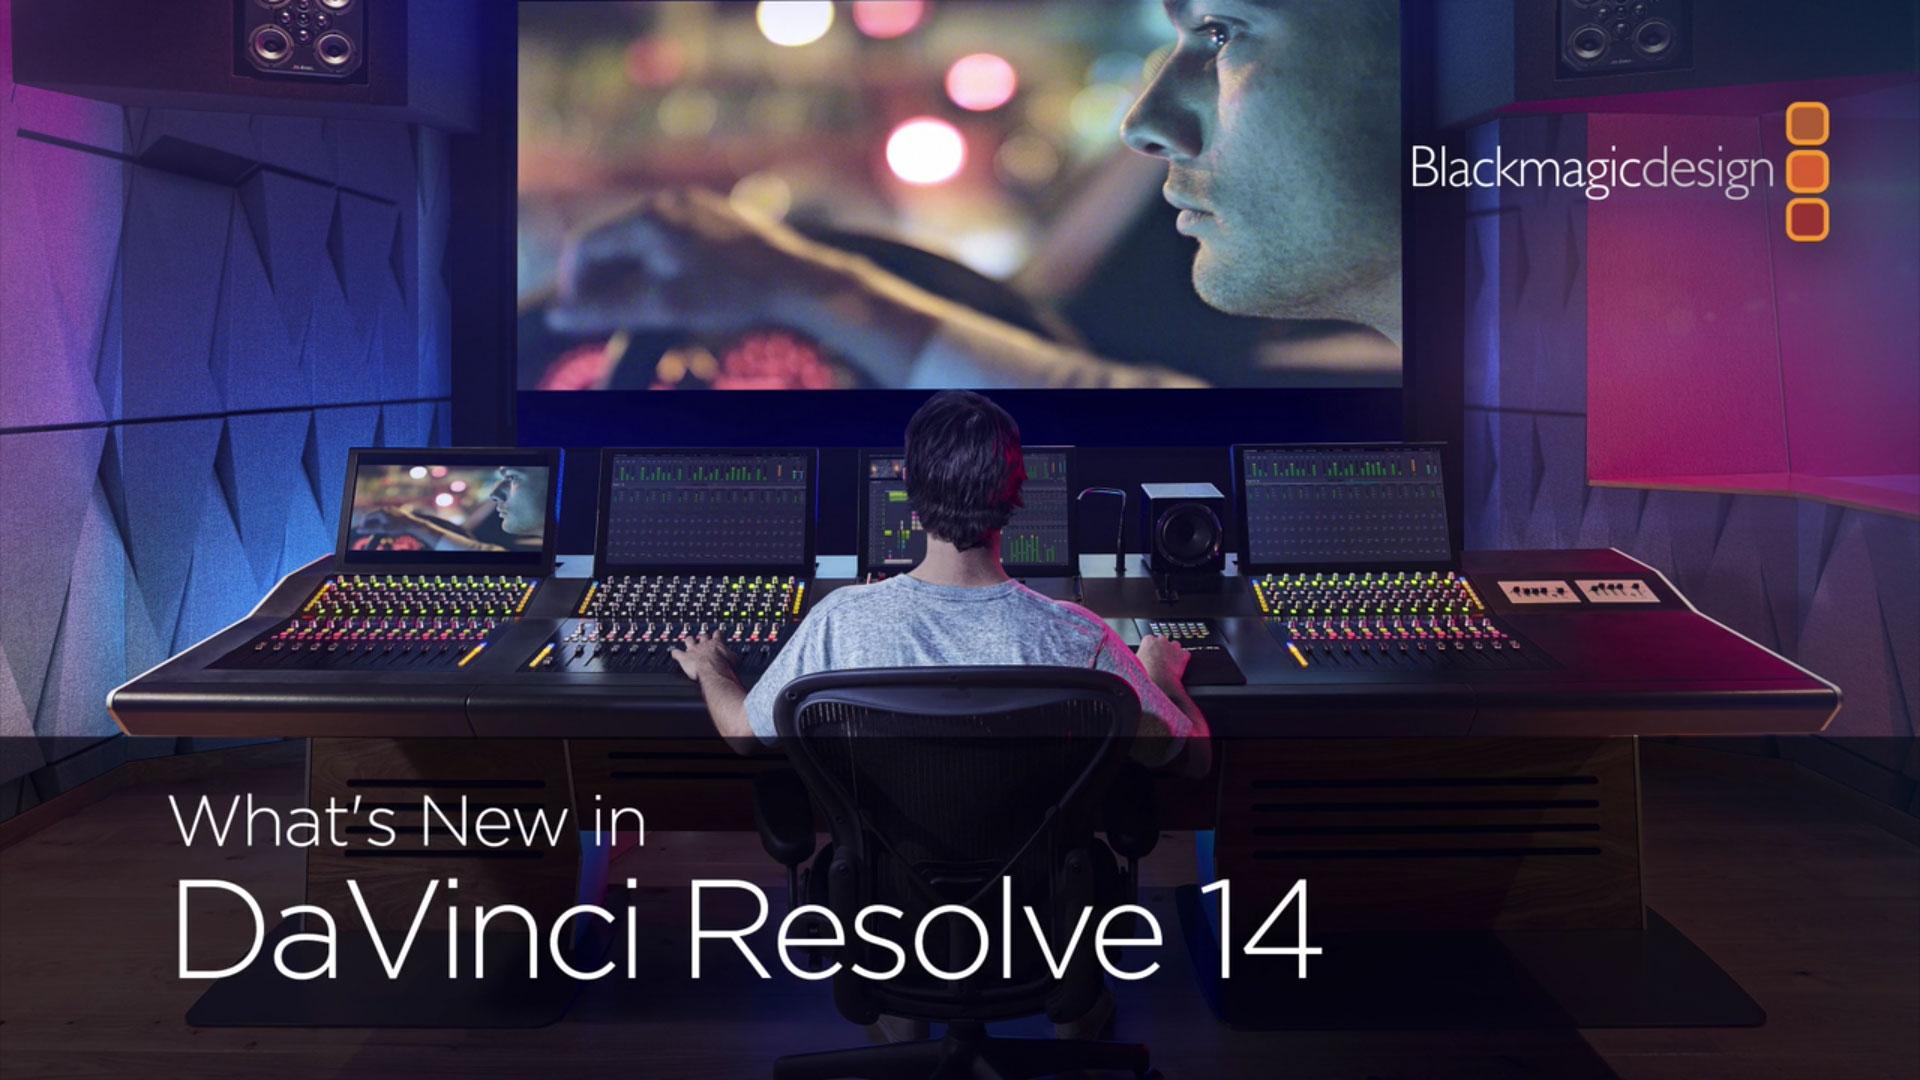 davinci resolve14